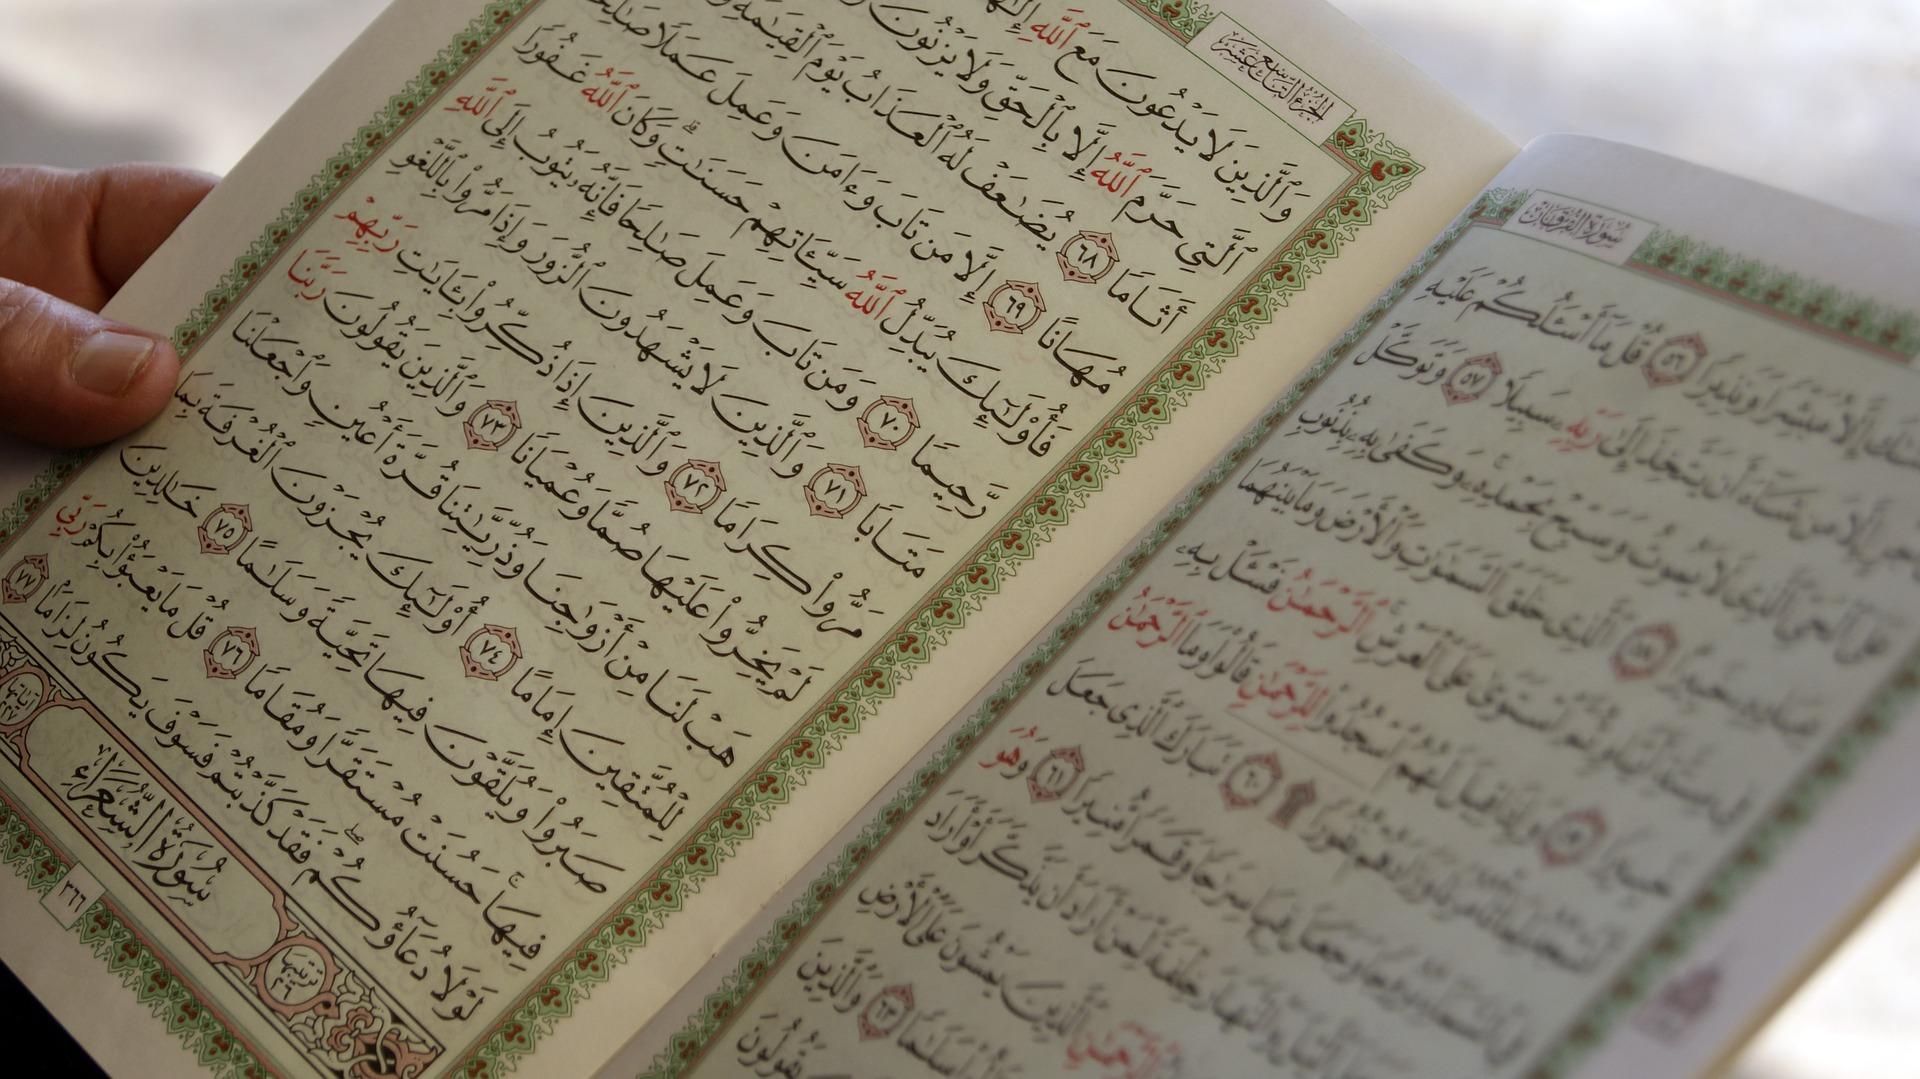 Zdarza się nam krytykować muzułmanów. A czy znamy podstawy Koranu?